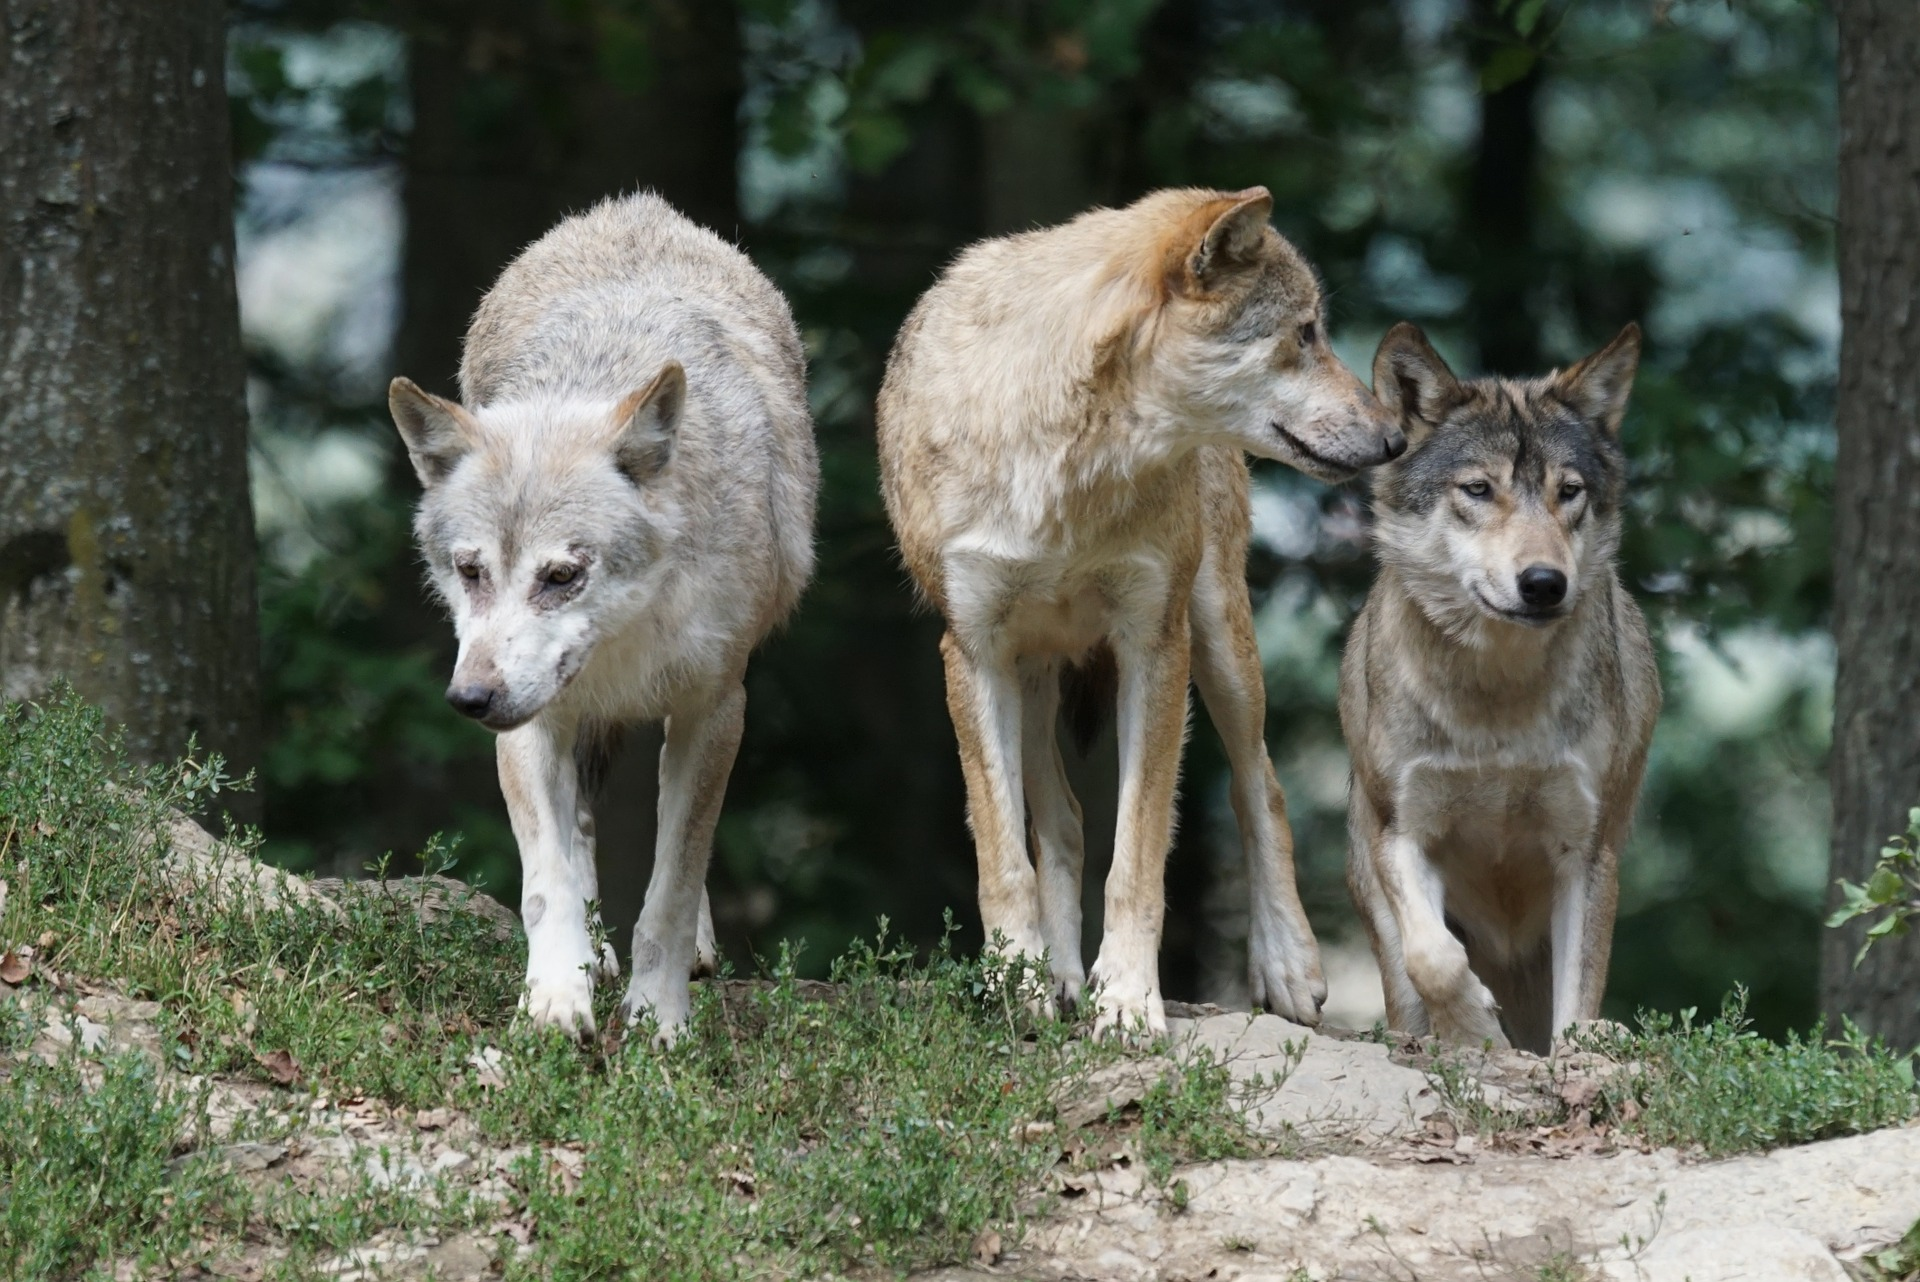 La ONC reclama al Ministerio la elaboración urgente de un censo nacional de lobo